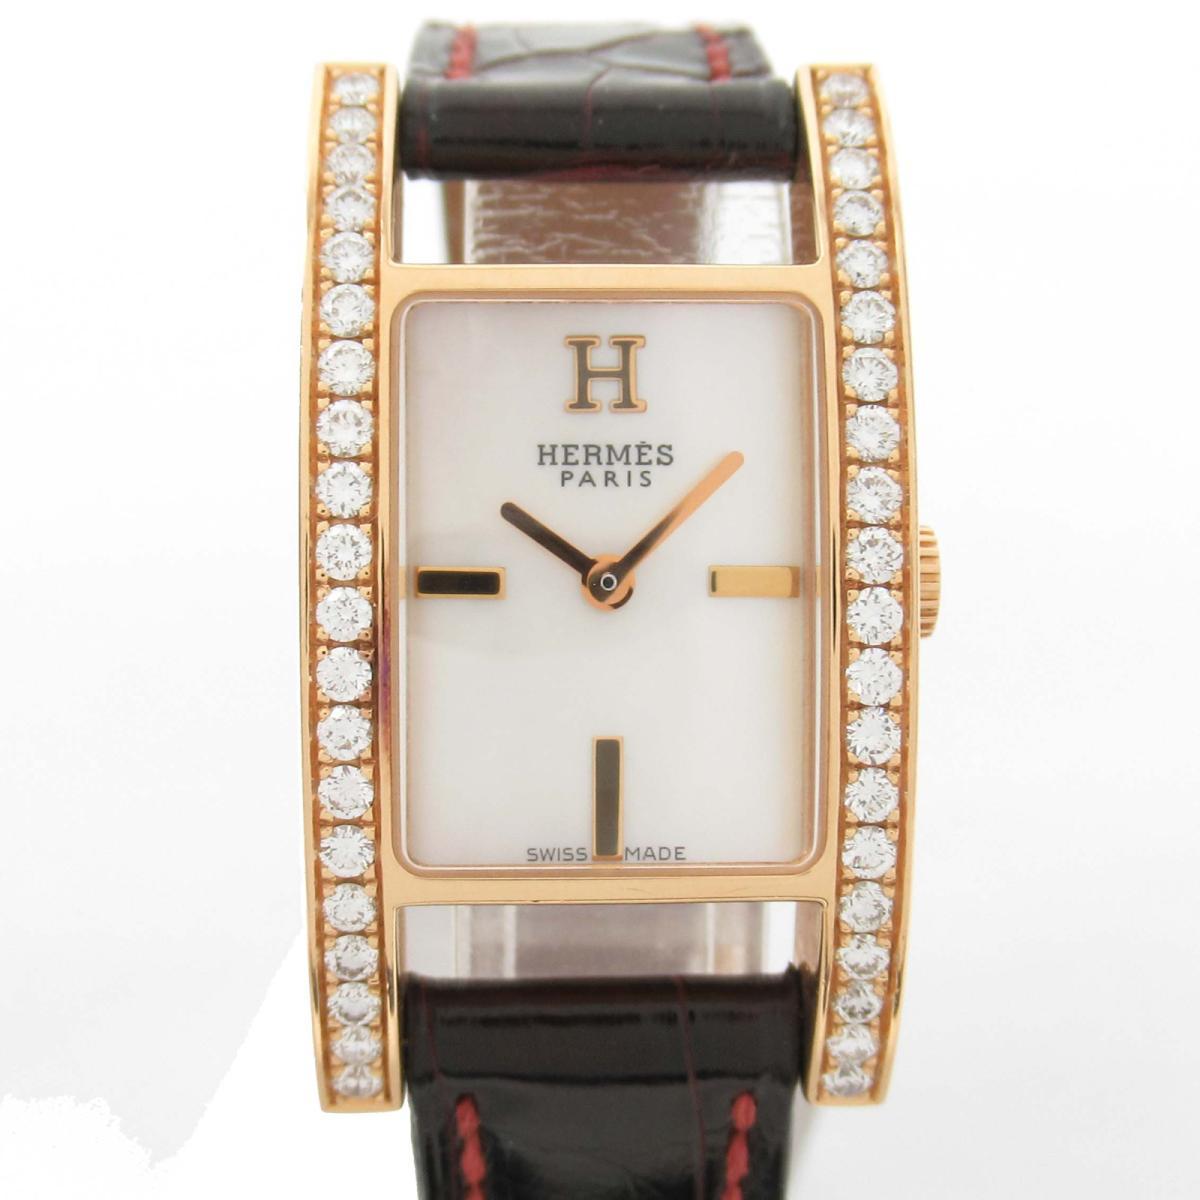 【中古】 エルメス アルコル ベゼルダイヤ ウォッチ 腕時計 レディース K18YG (750)イエローゴールド x レザーベルト (AC1.271) | HERMES BRANDOFF ブランドオフ ブランド ブランド時計 ブランド腕時計 時計